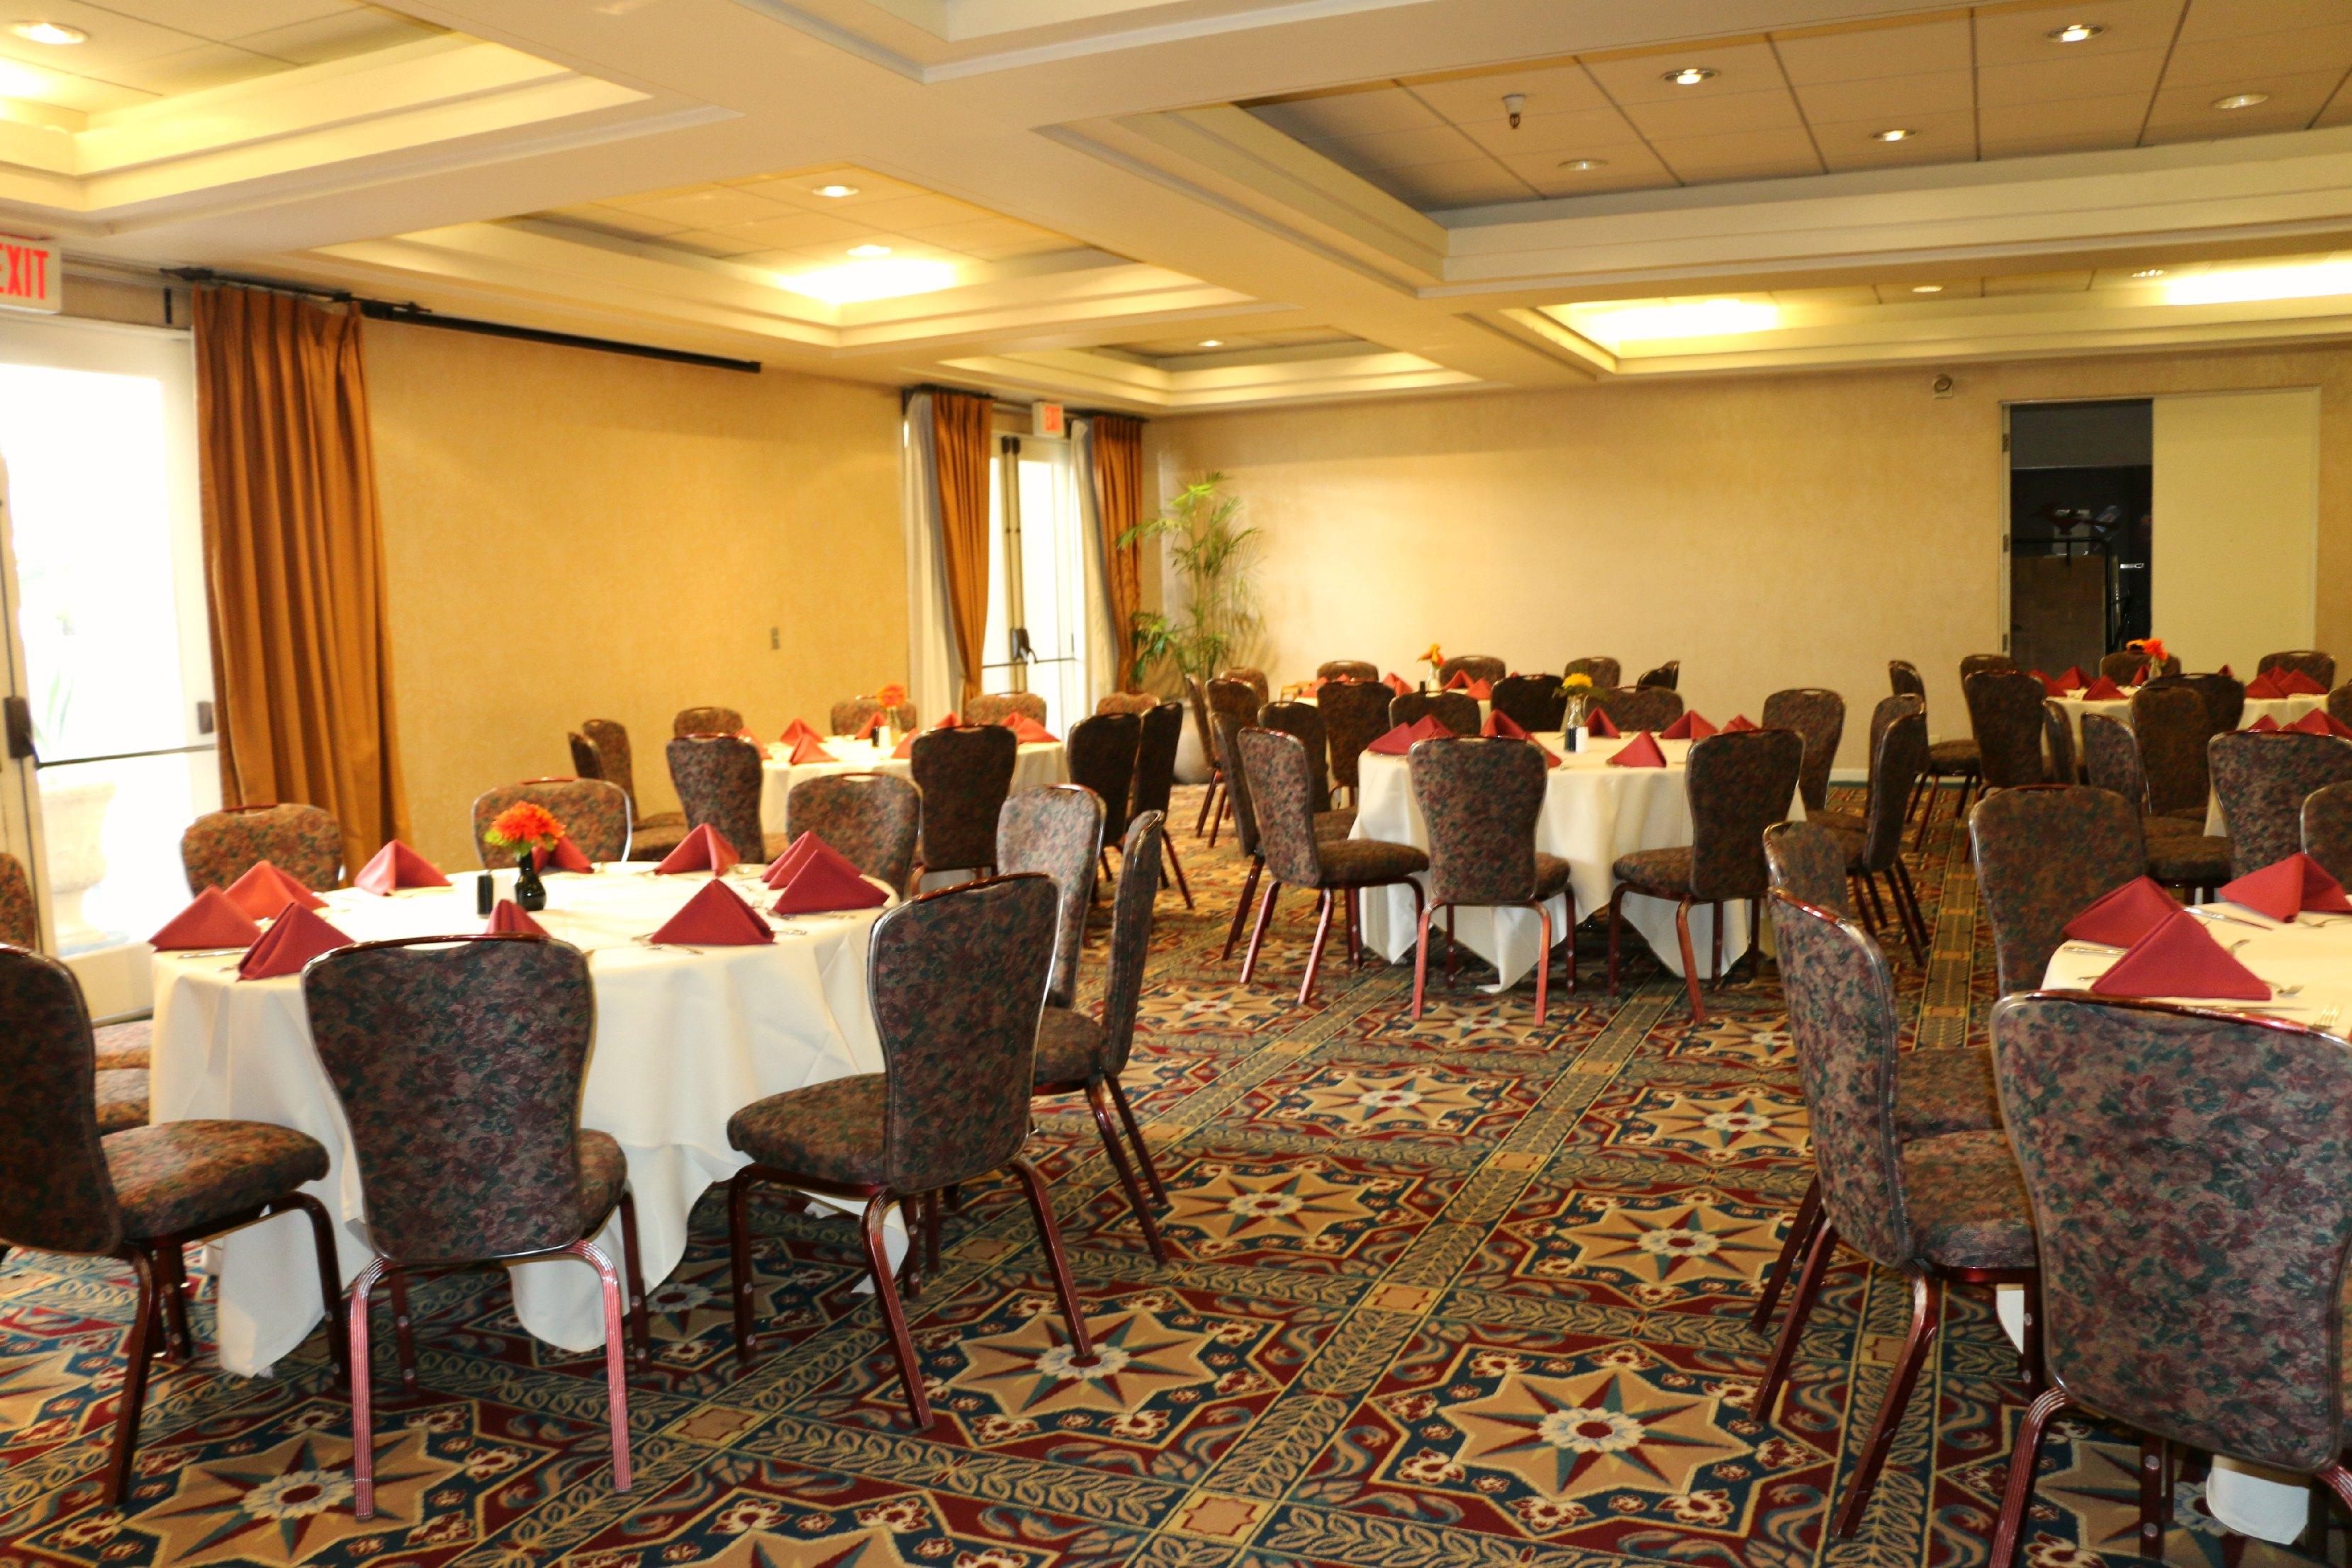 pala mesa conference rooms